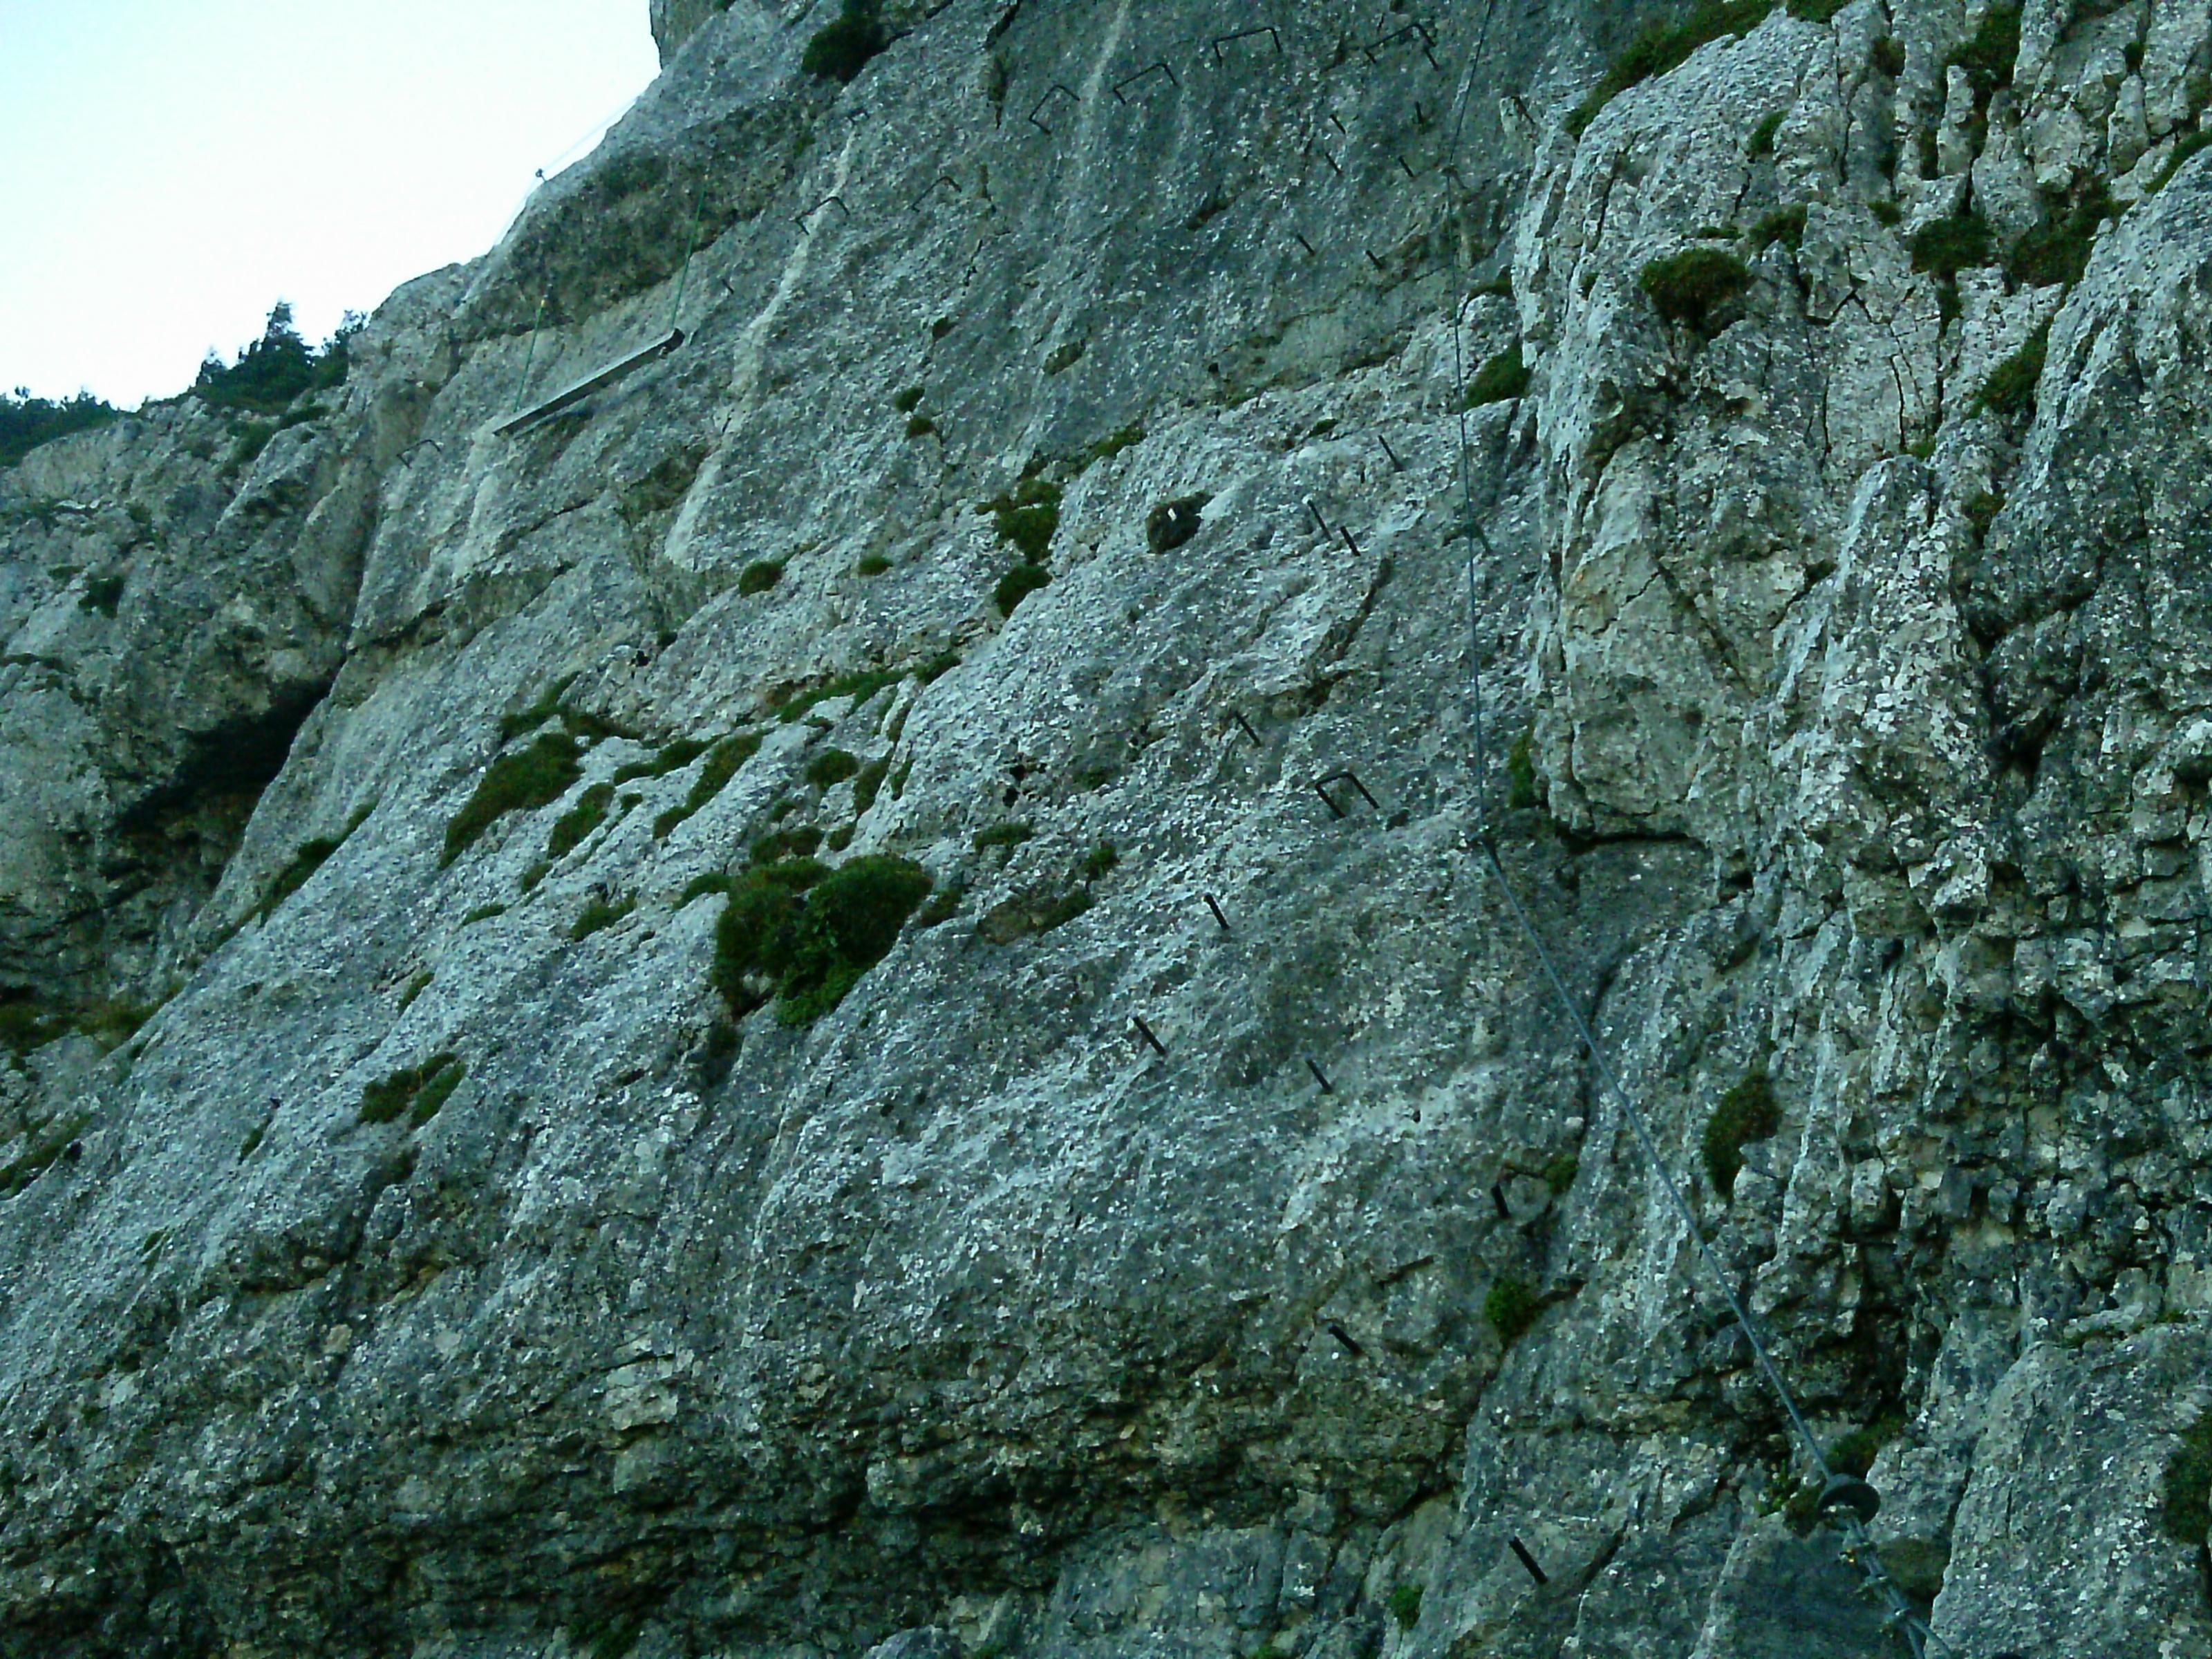 hochkar-heli-kraft-klettersteig-6-.jpg